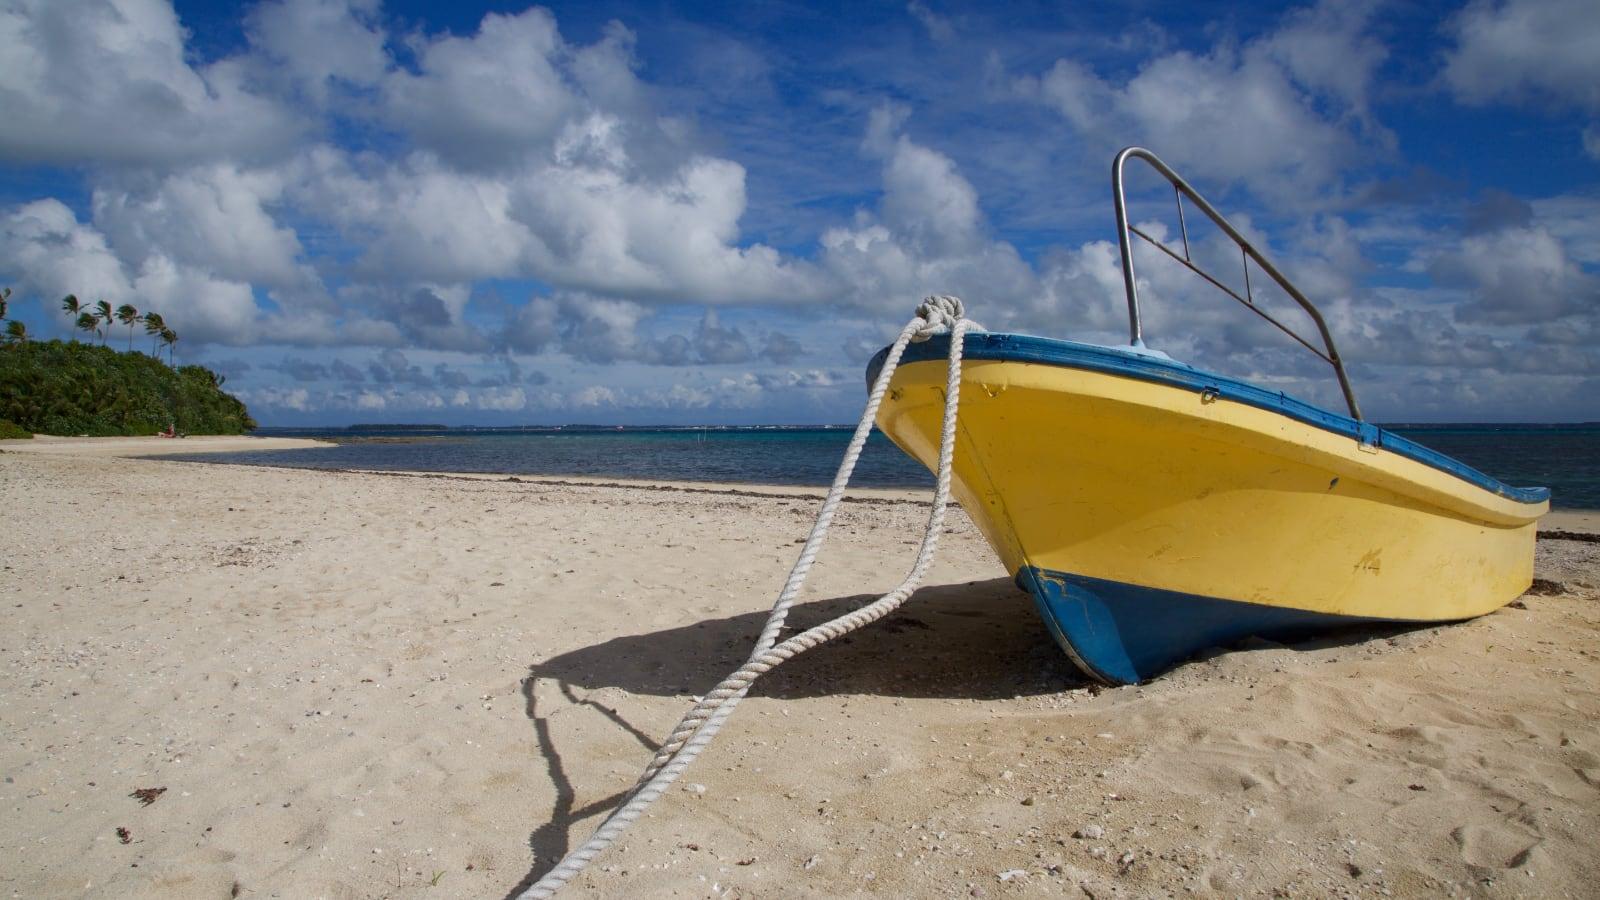 tonga tourism resources